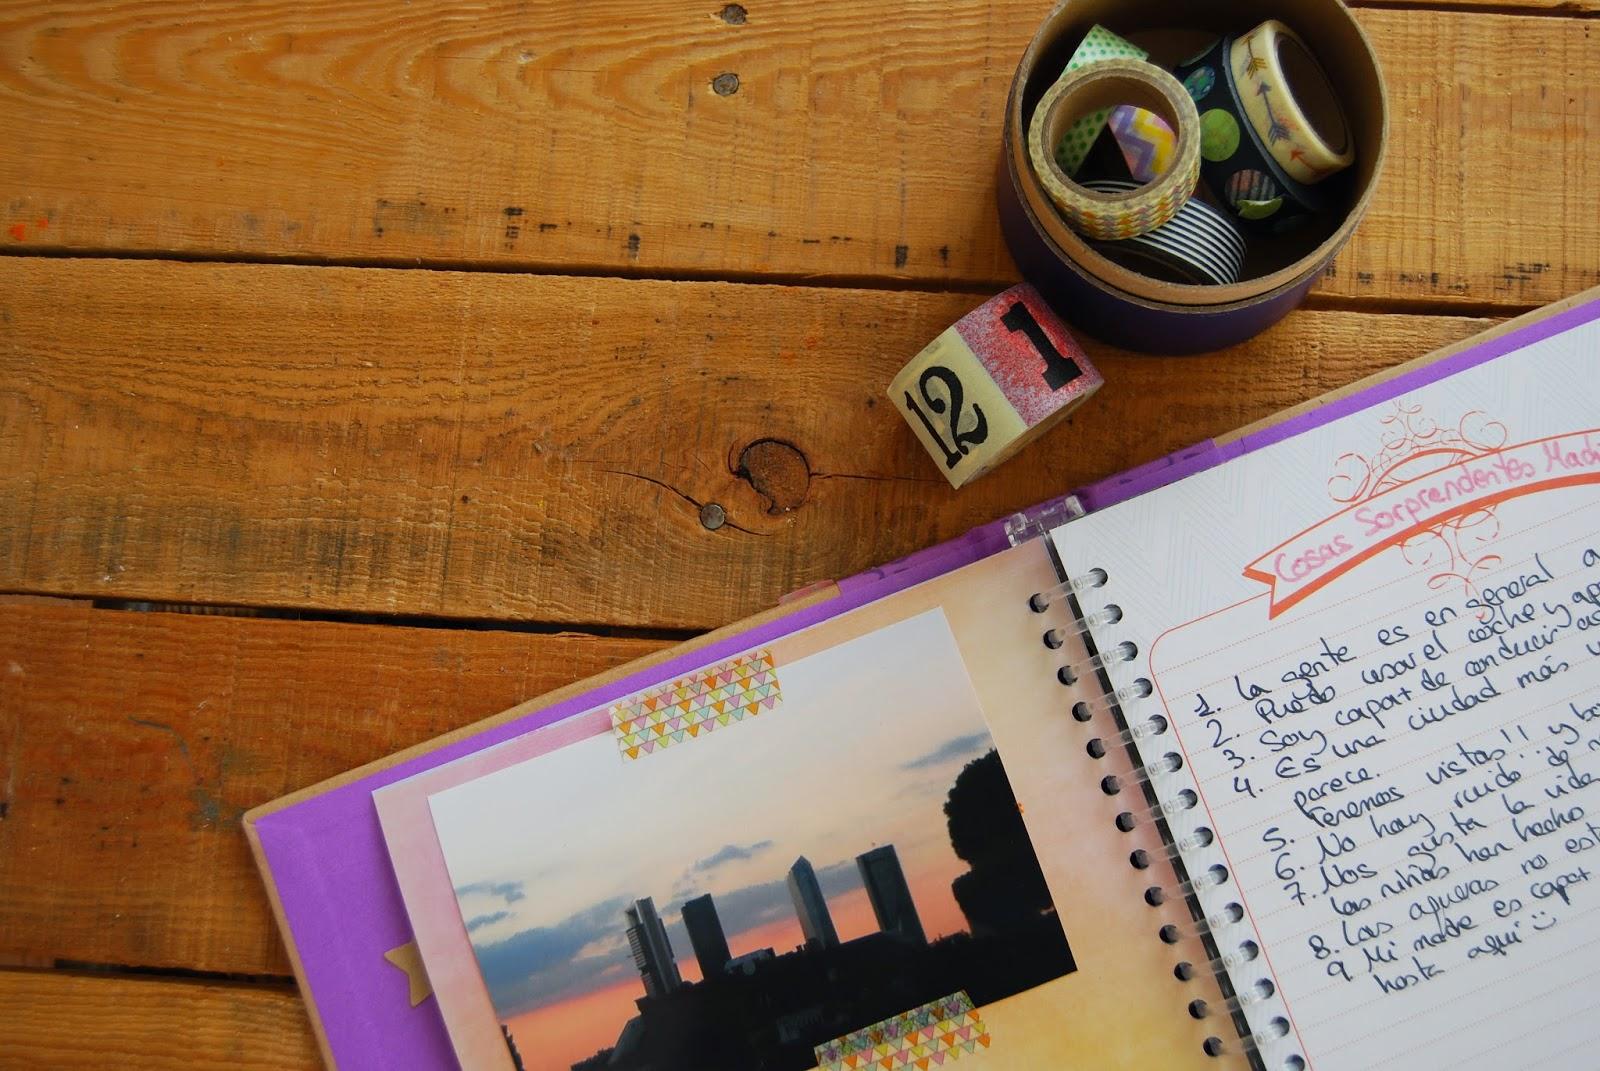 http://sosunnyblog.blogspot.com.es/2014/09/smash-scrapbook-nuestro-album-diario-de.html